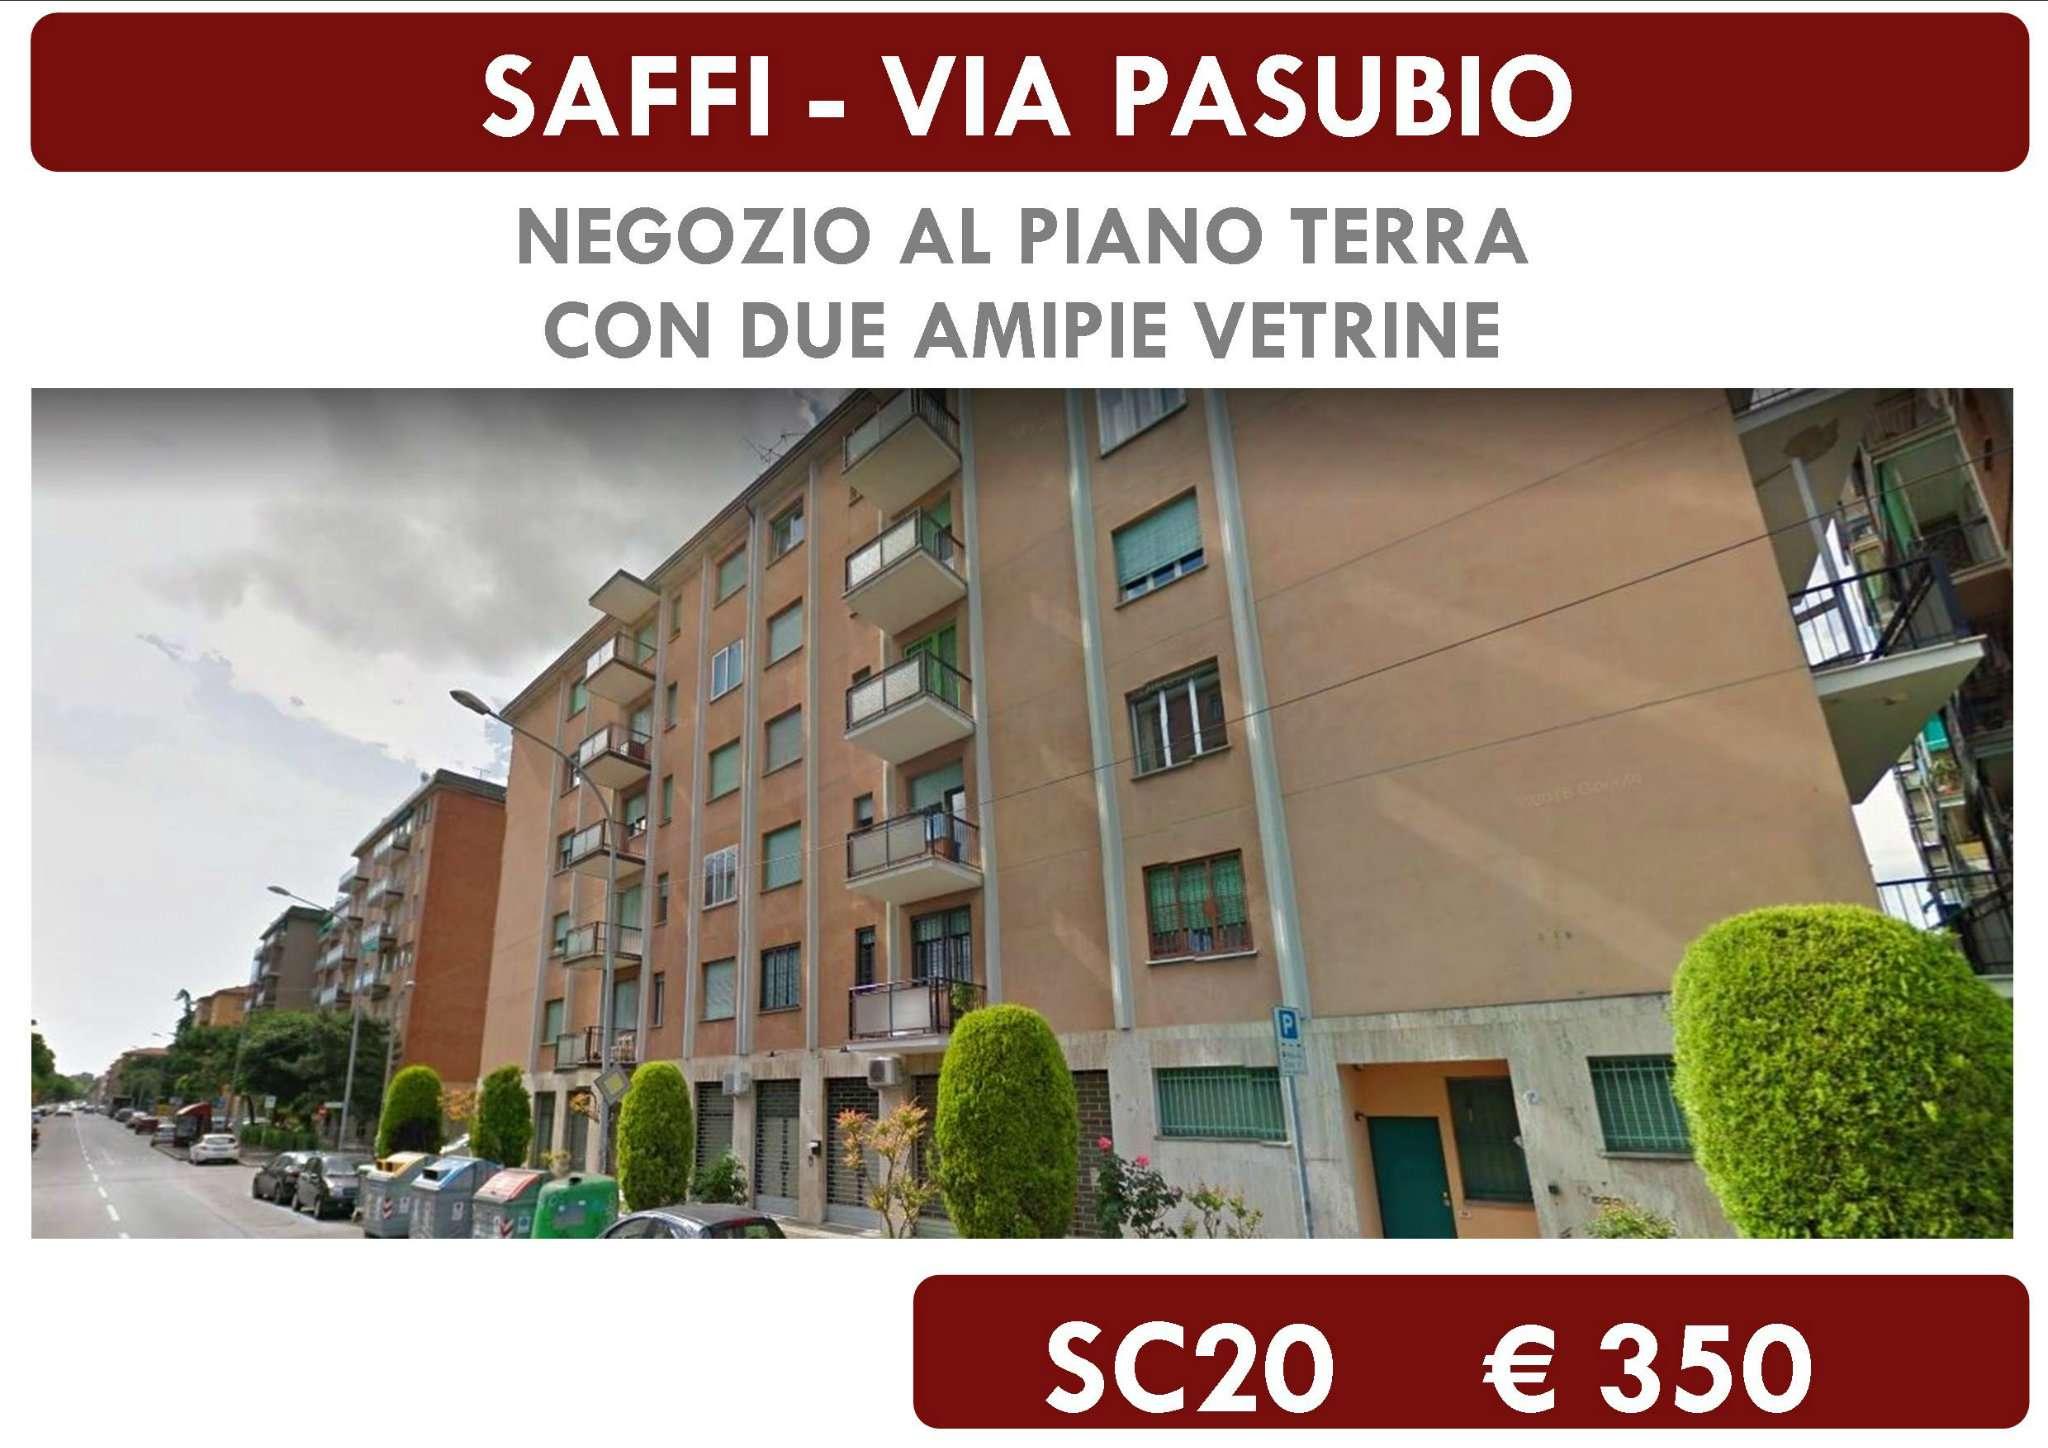 Negozio / Locale in affitto a Bologna, 1 locali, zona Zona: 15 . Saffi, prezzo € 350 | CambioCasa.it